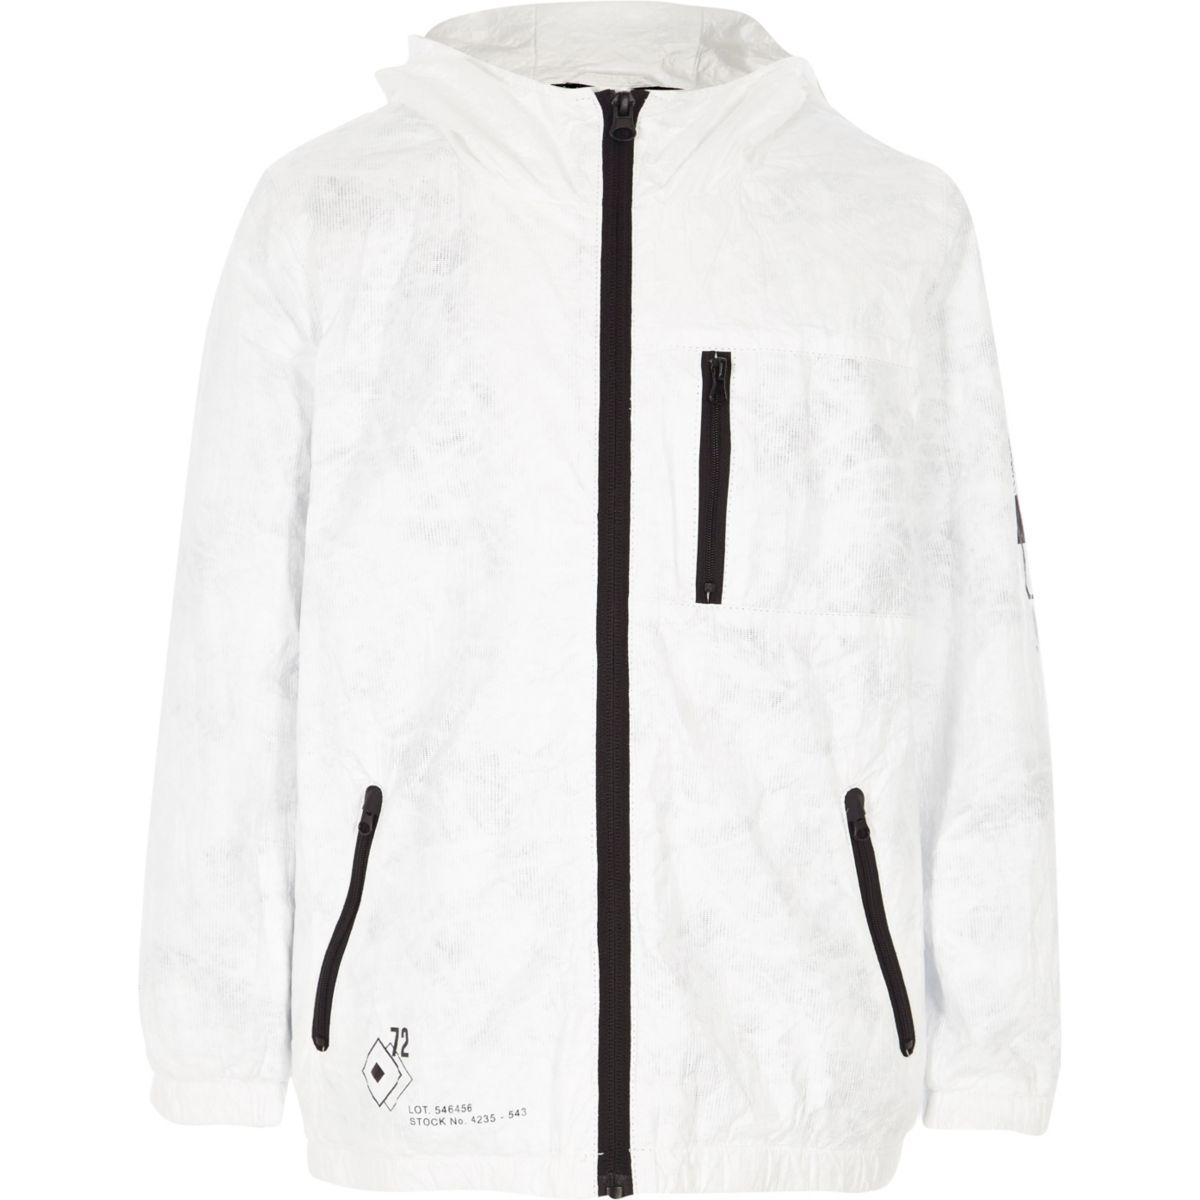 Veste à capuche blanche légère pour garçon